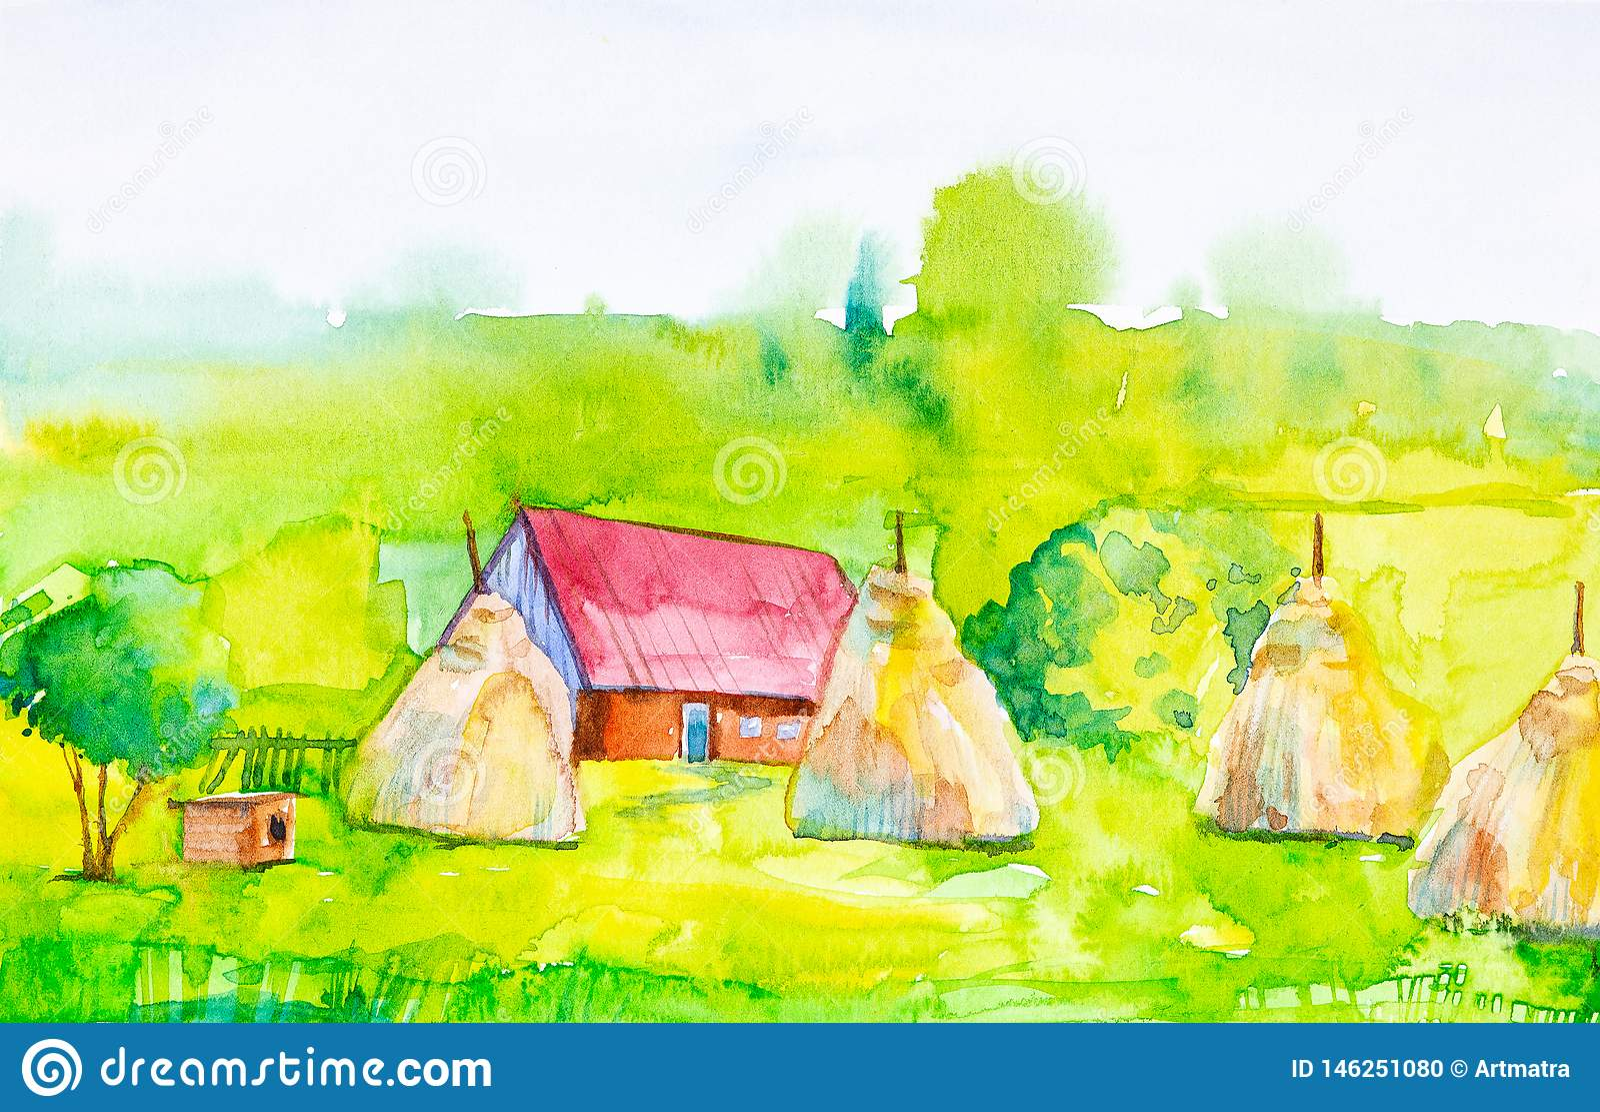 Иллюстрация акварели дома в деревне и стогов сена с конурой на переднем плане Зеленый лес на заднем плане